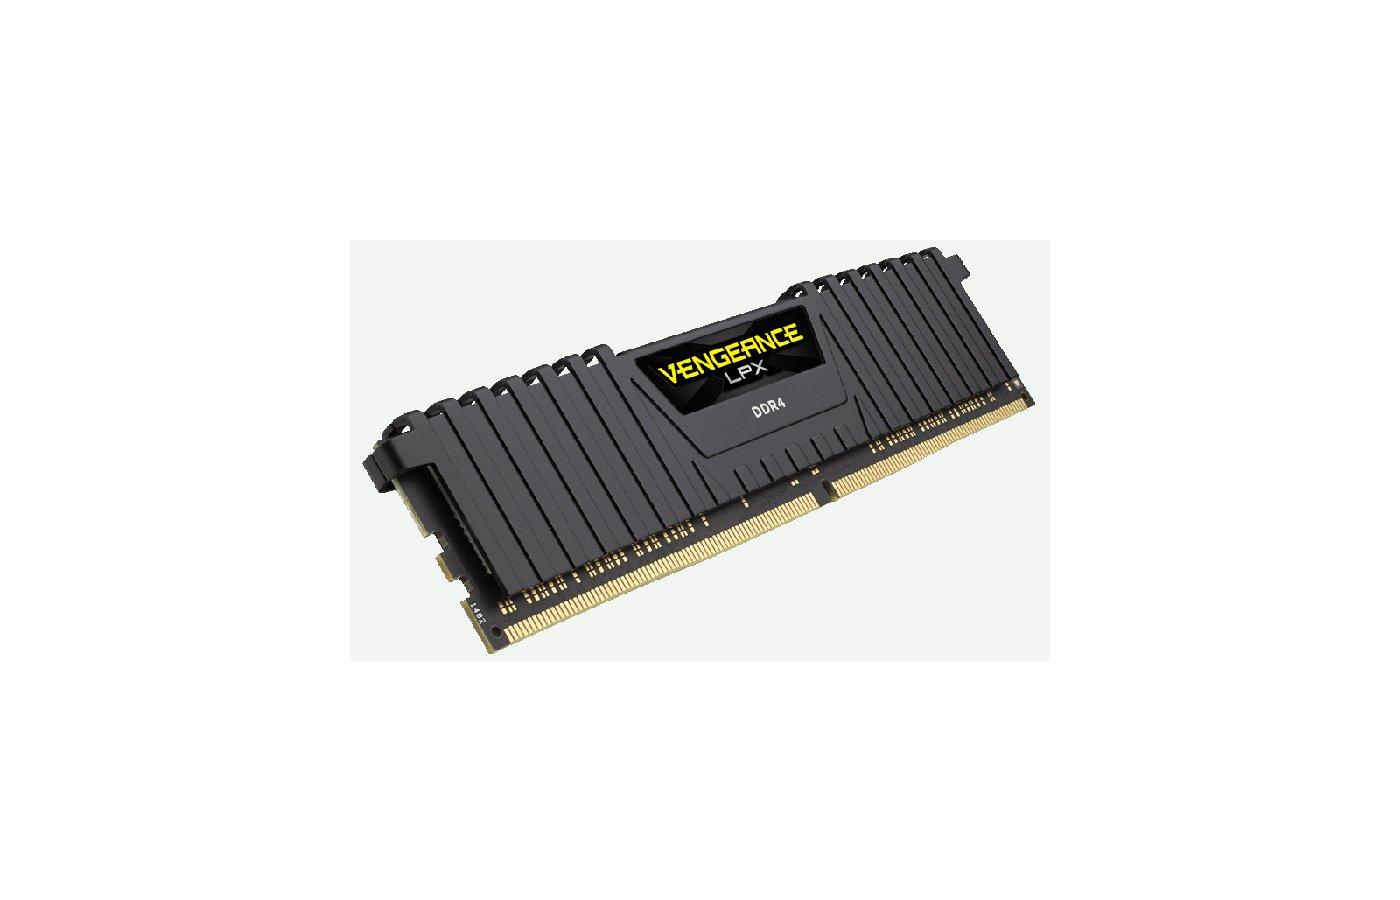 Оперативная память Corsair CMK8GX4M1A2666C16 RTL PC4-21300 DDR4 8Gb 2666MHz CL16 DIMM